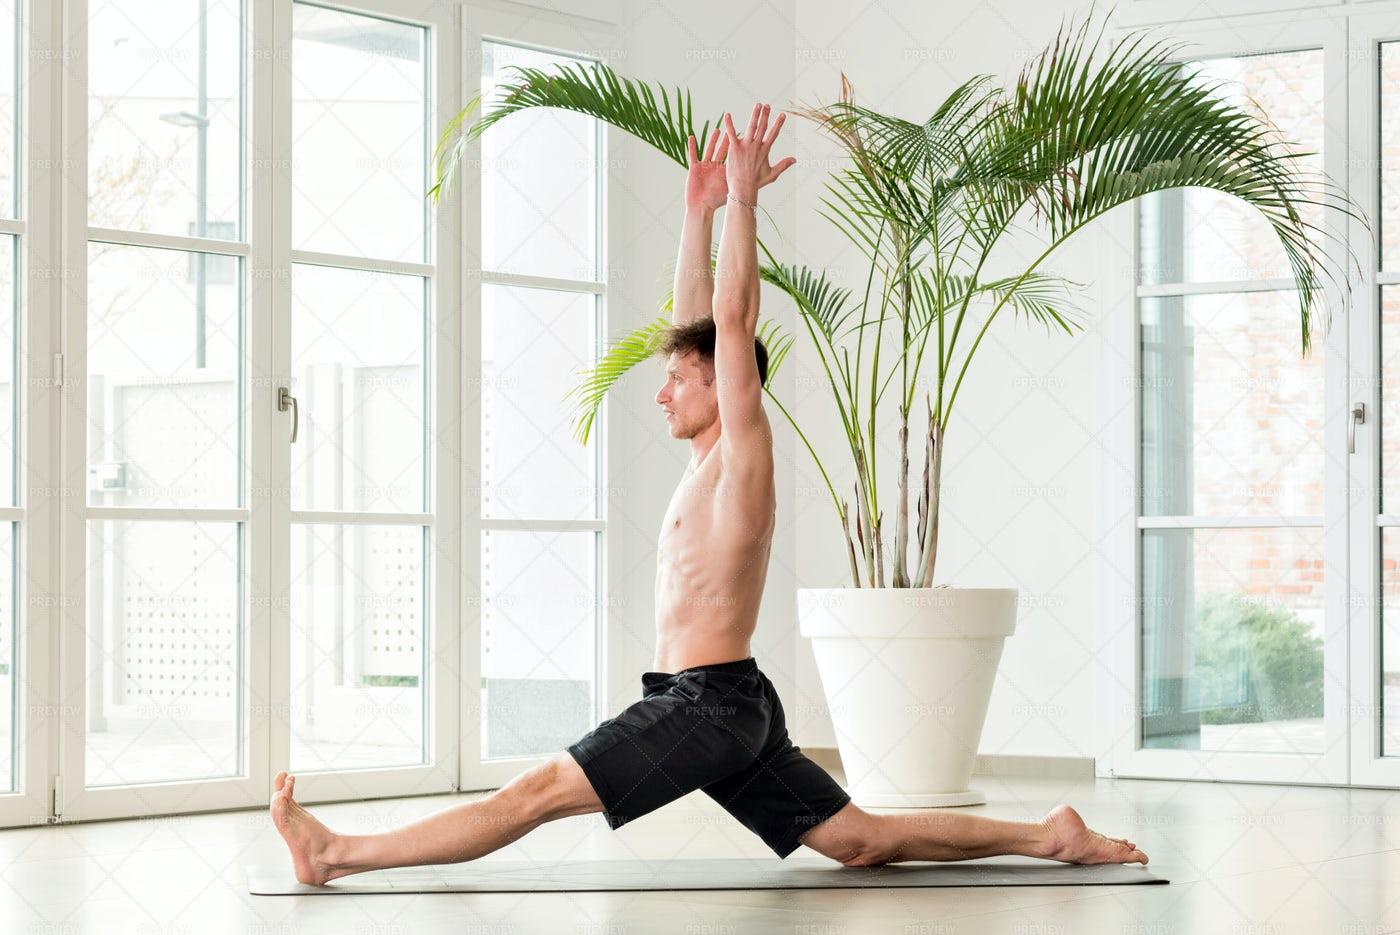 Man Performing Monkey Yoga Pose: Stock Photos